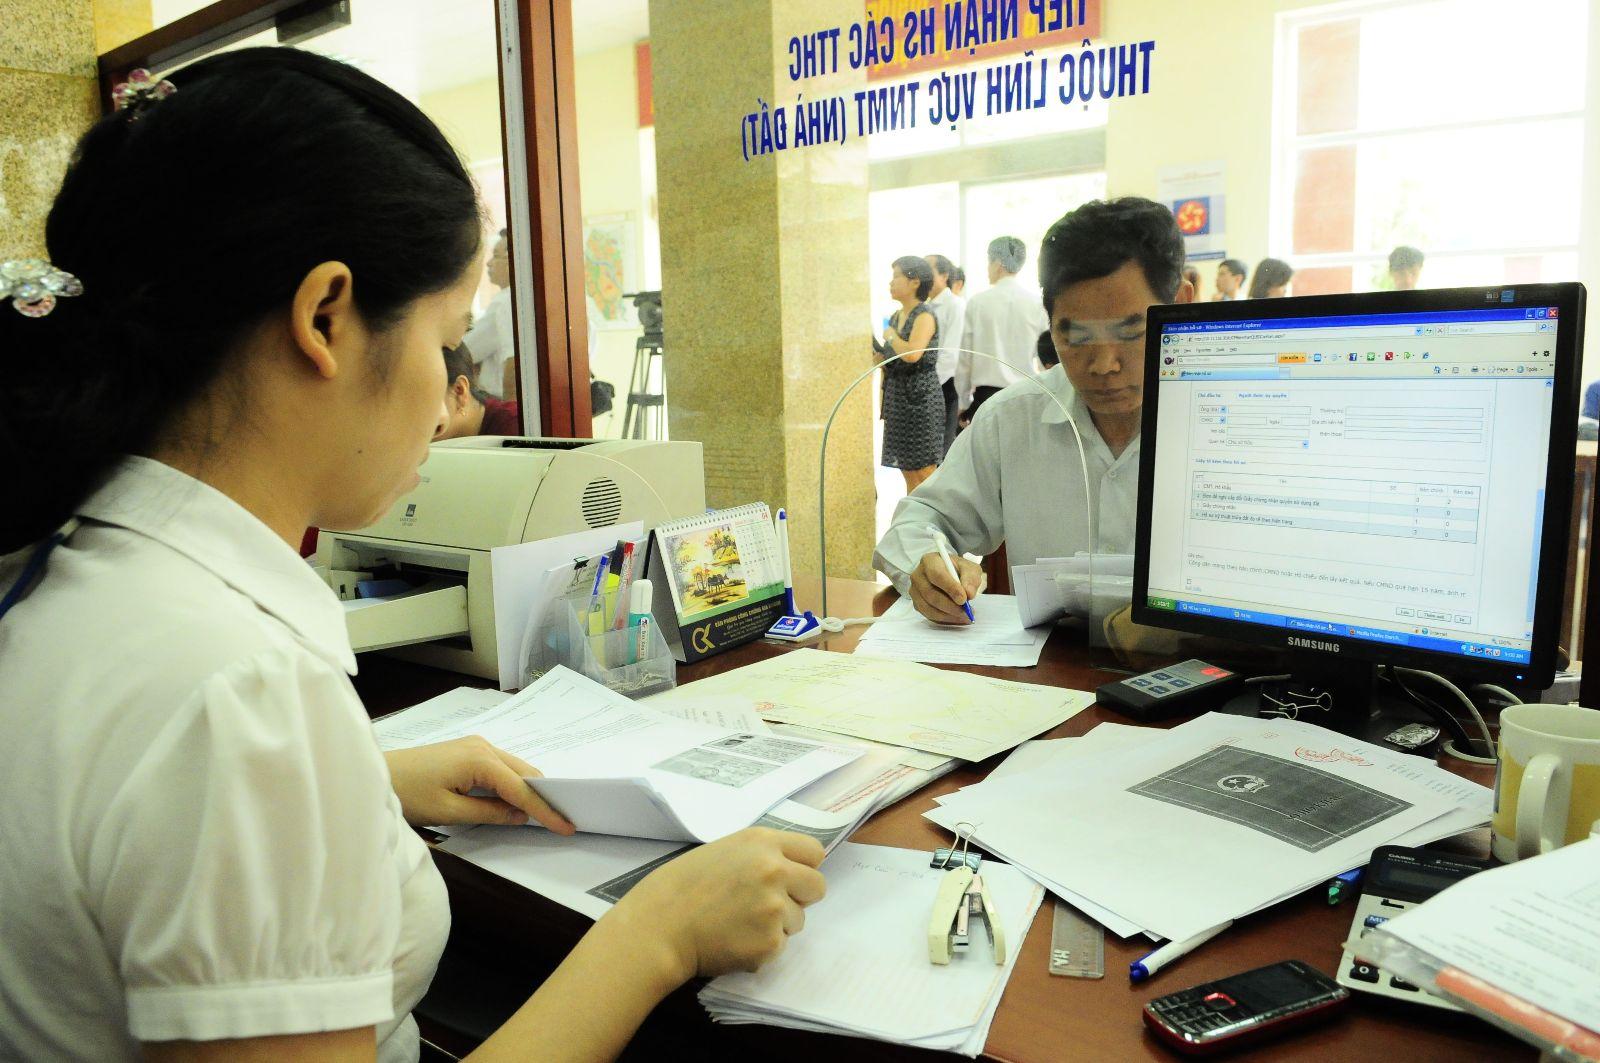 Ban hành Quy định về việc tiếp nhận, giải quyết thủ tục hành chính theo cơ chế một cửa tại Ban Dân tộc tỉnh